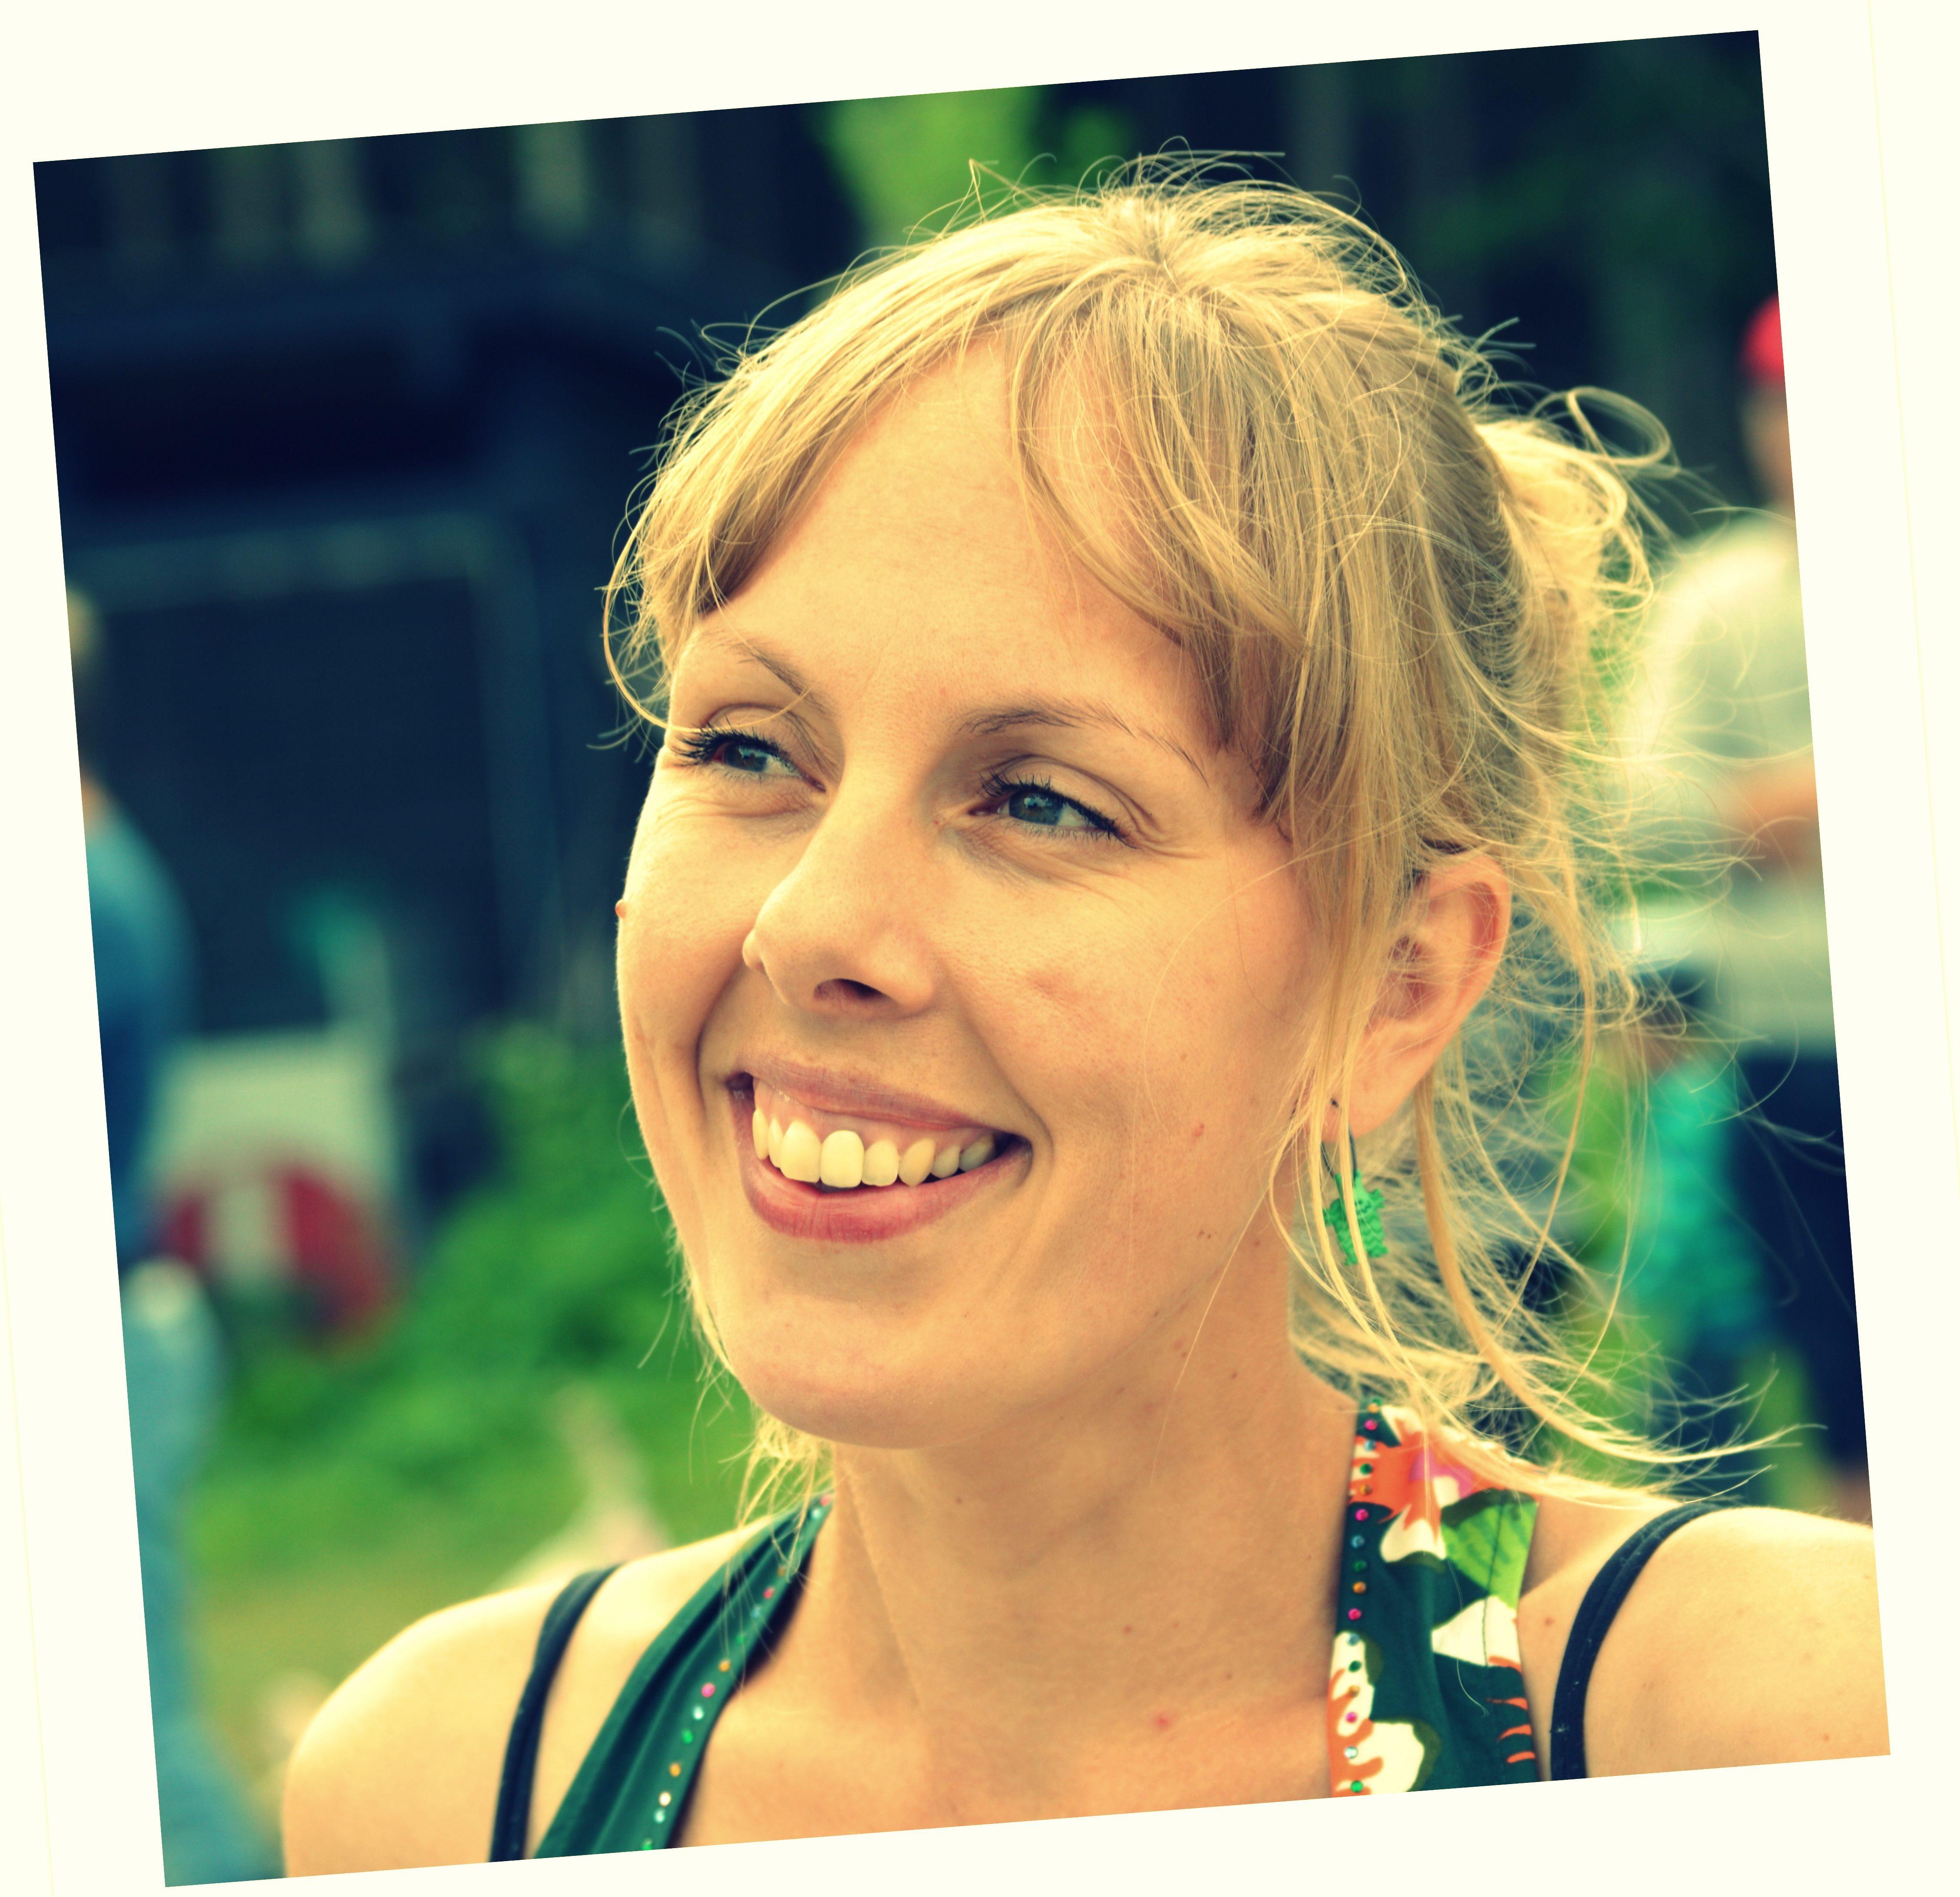 Lizette Westh, bevidst modeskab